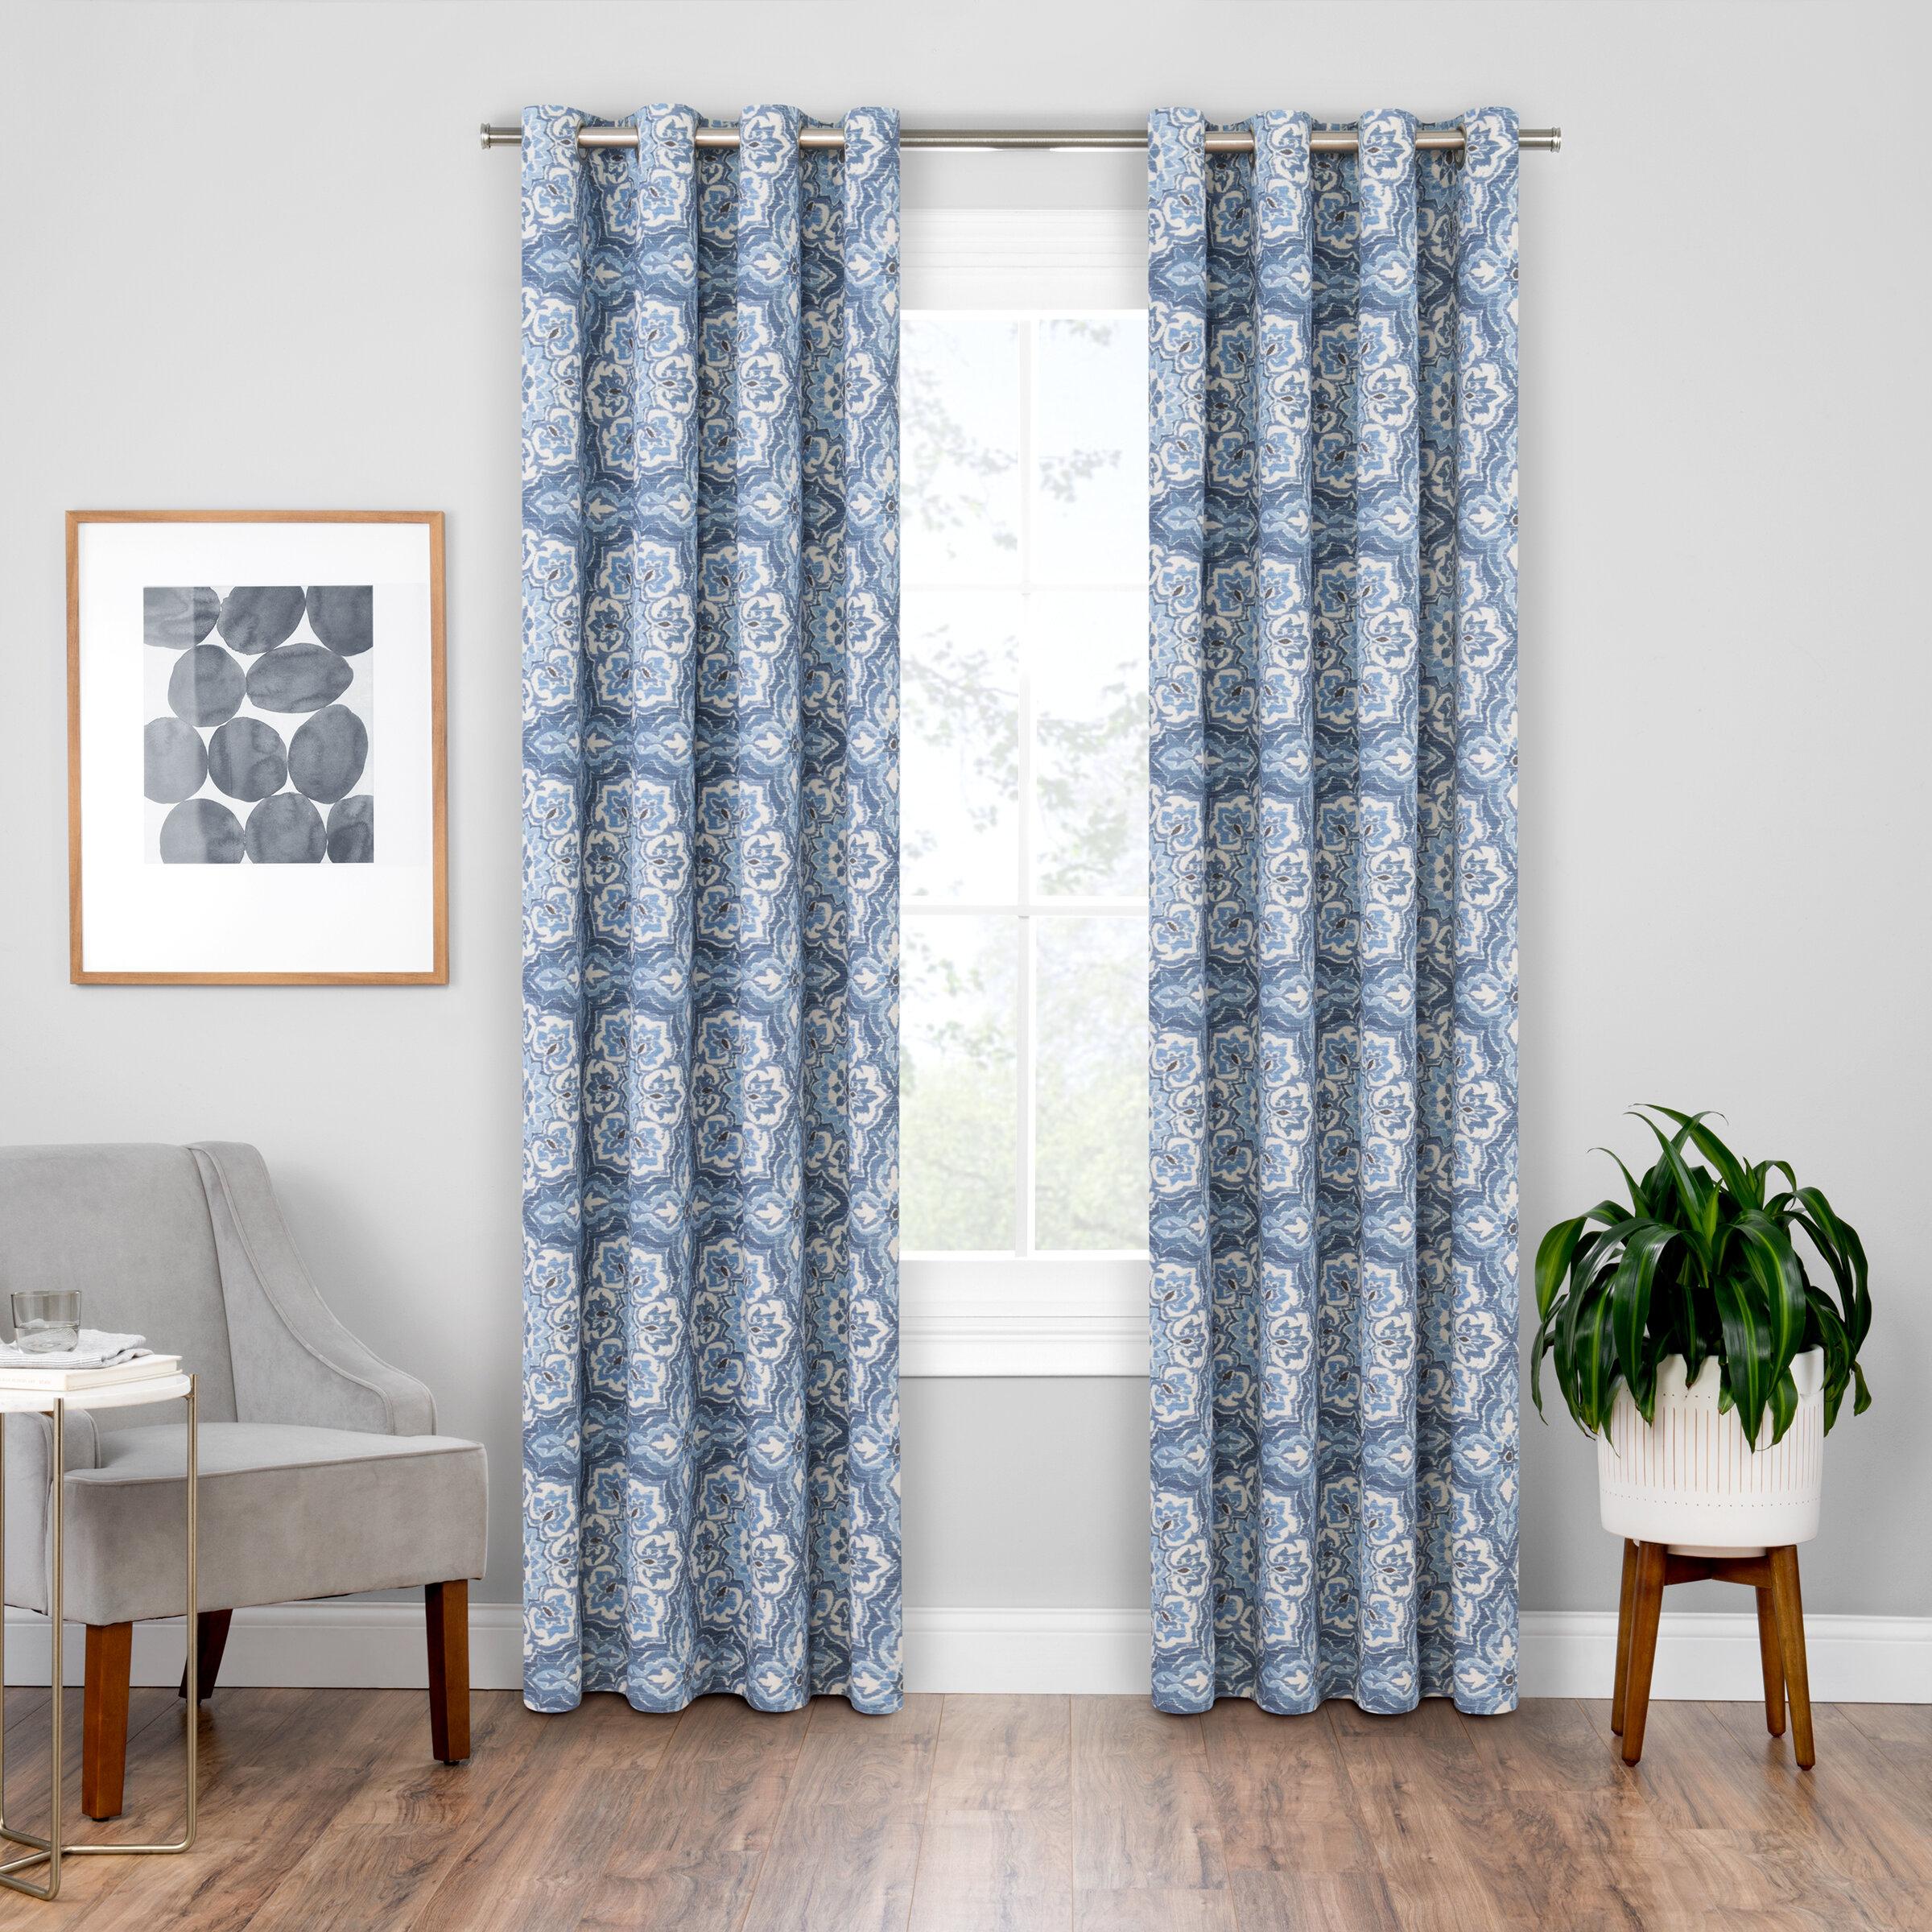 Soleil Floral Blackout Grommet Curtain Panels Regarding Blackout Grommet Curtain Panels (View 19 of 20)